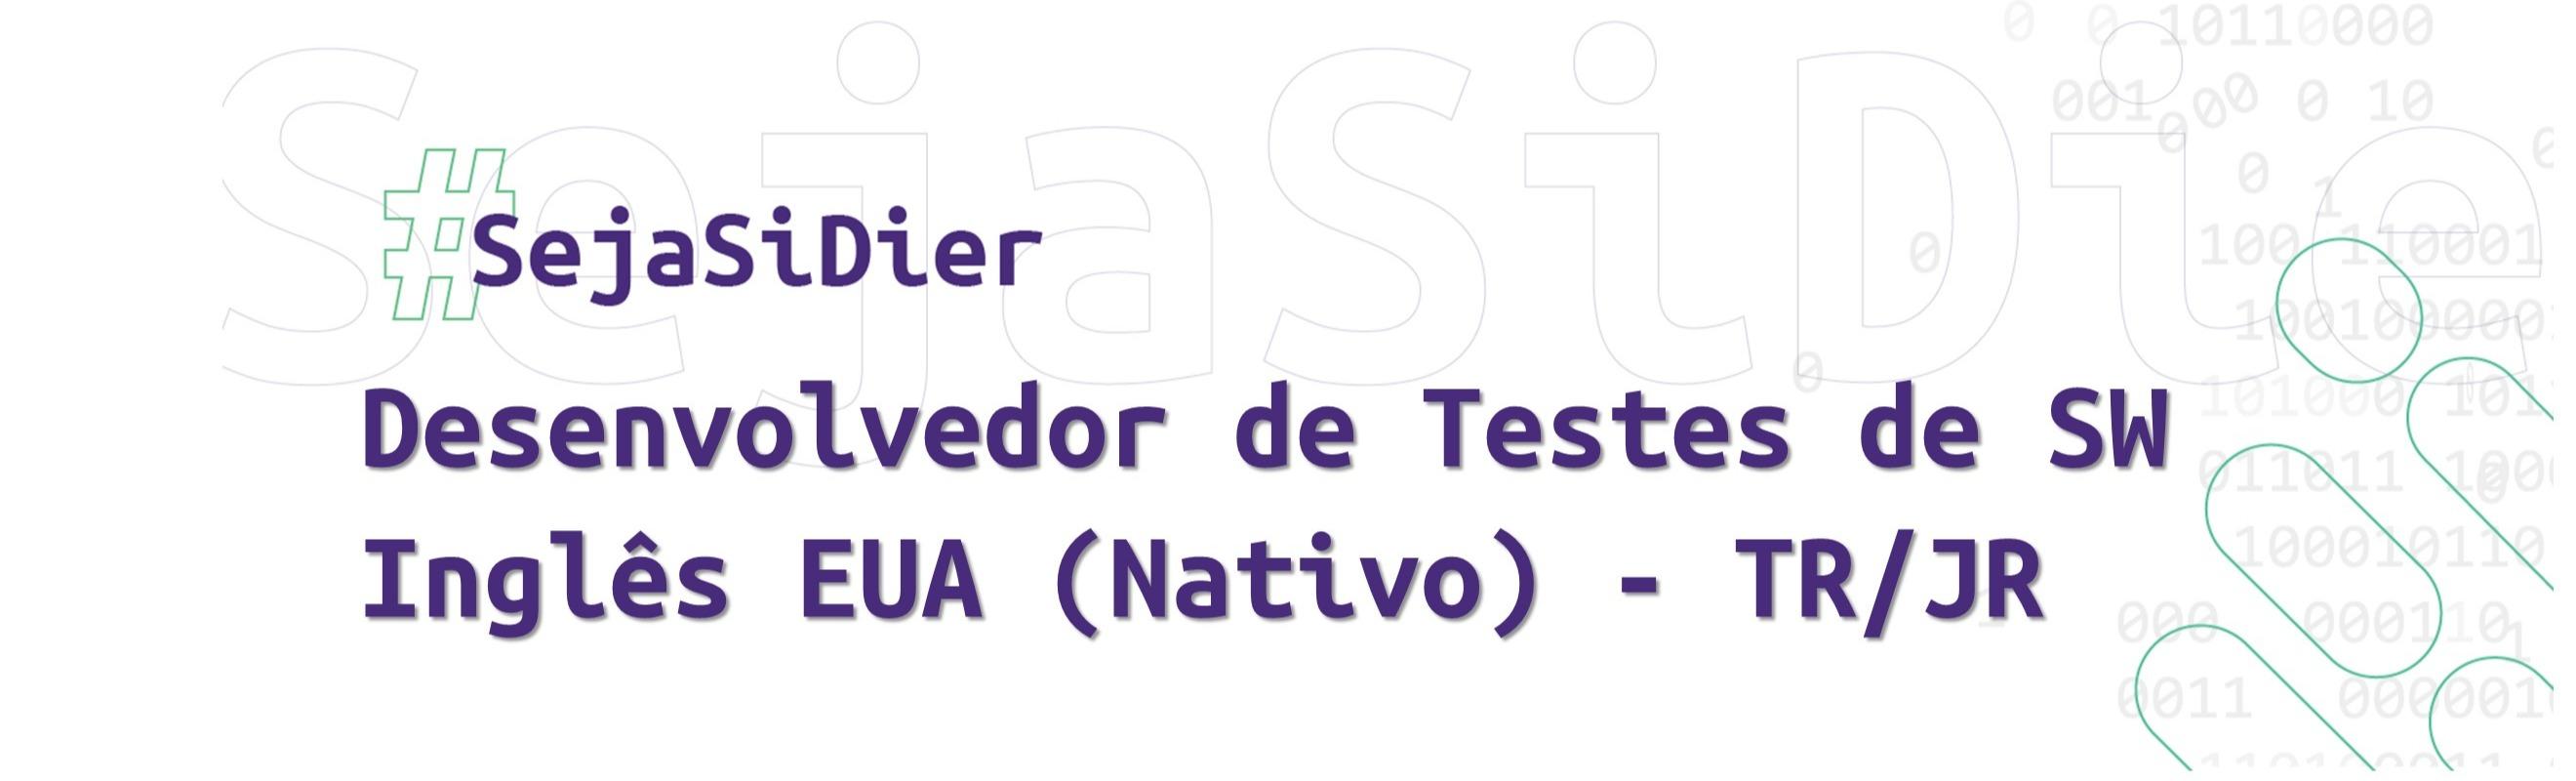 Criador de Conteúdo JR/PL  - Inglês EUA (Nativo)